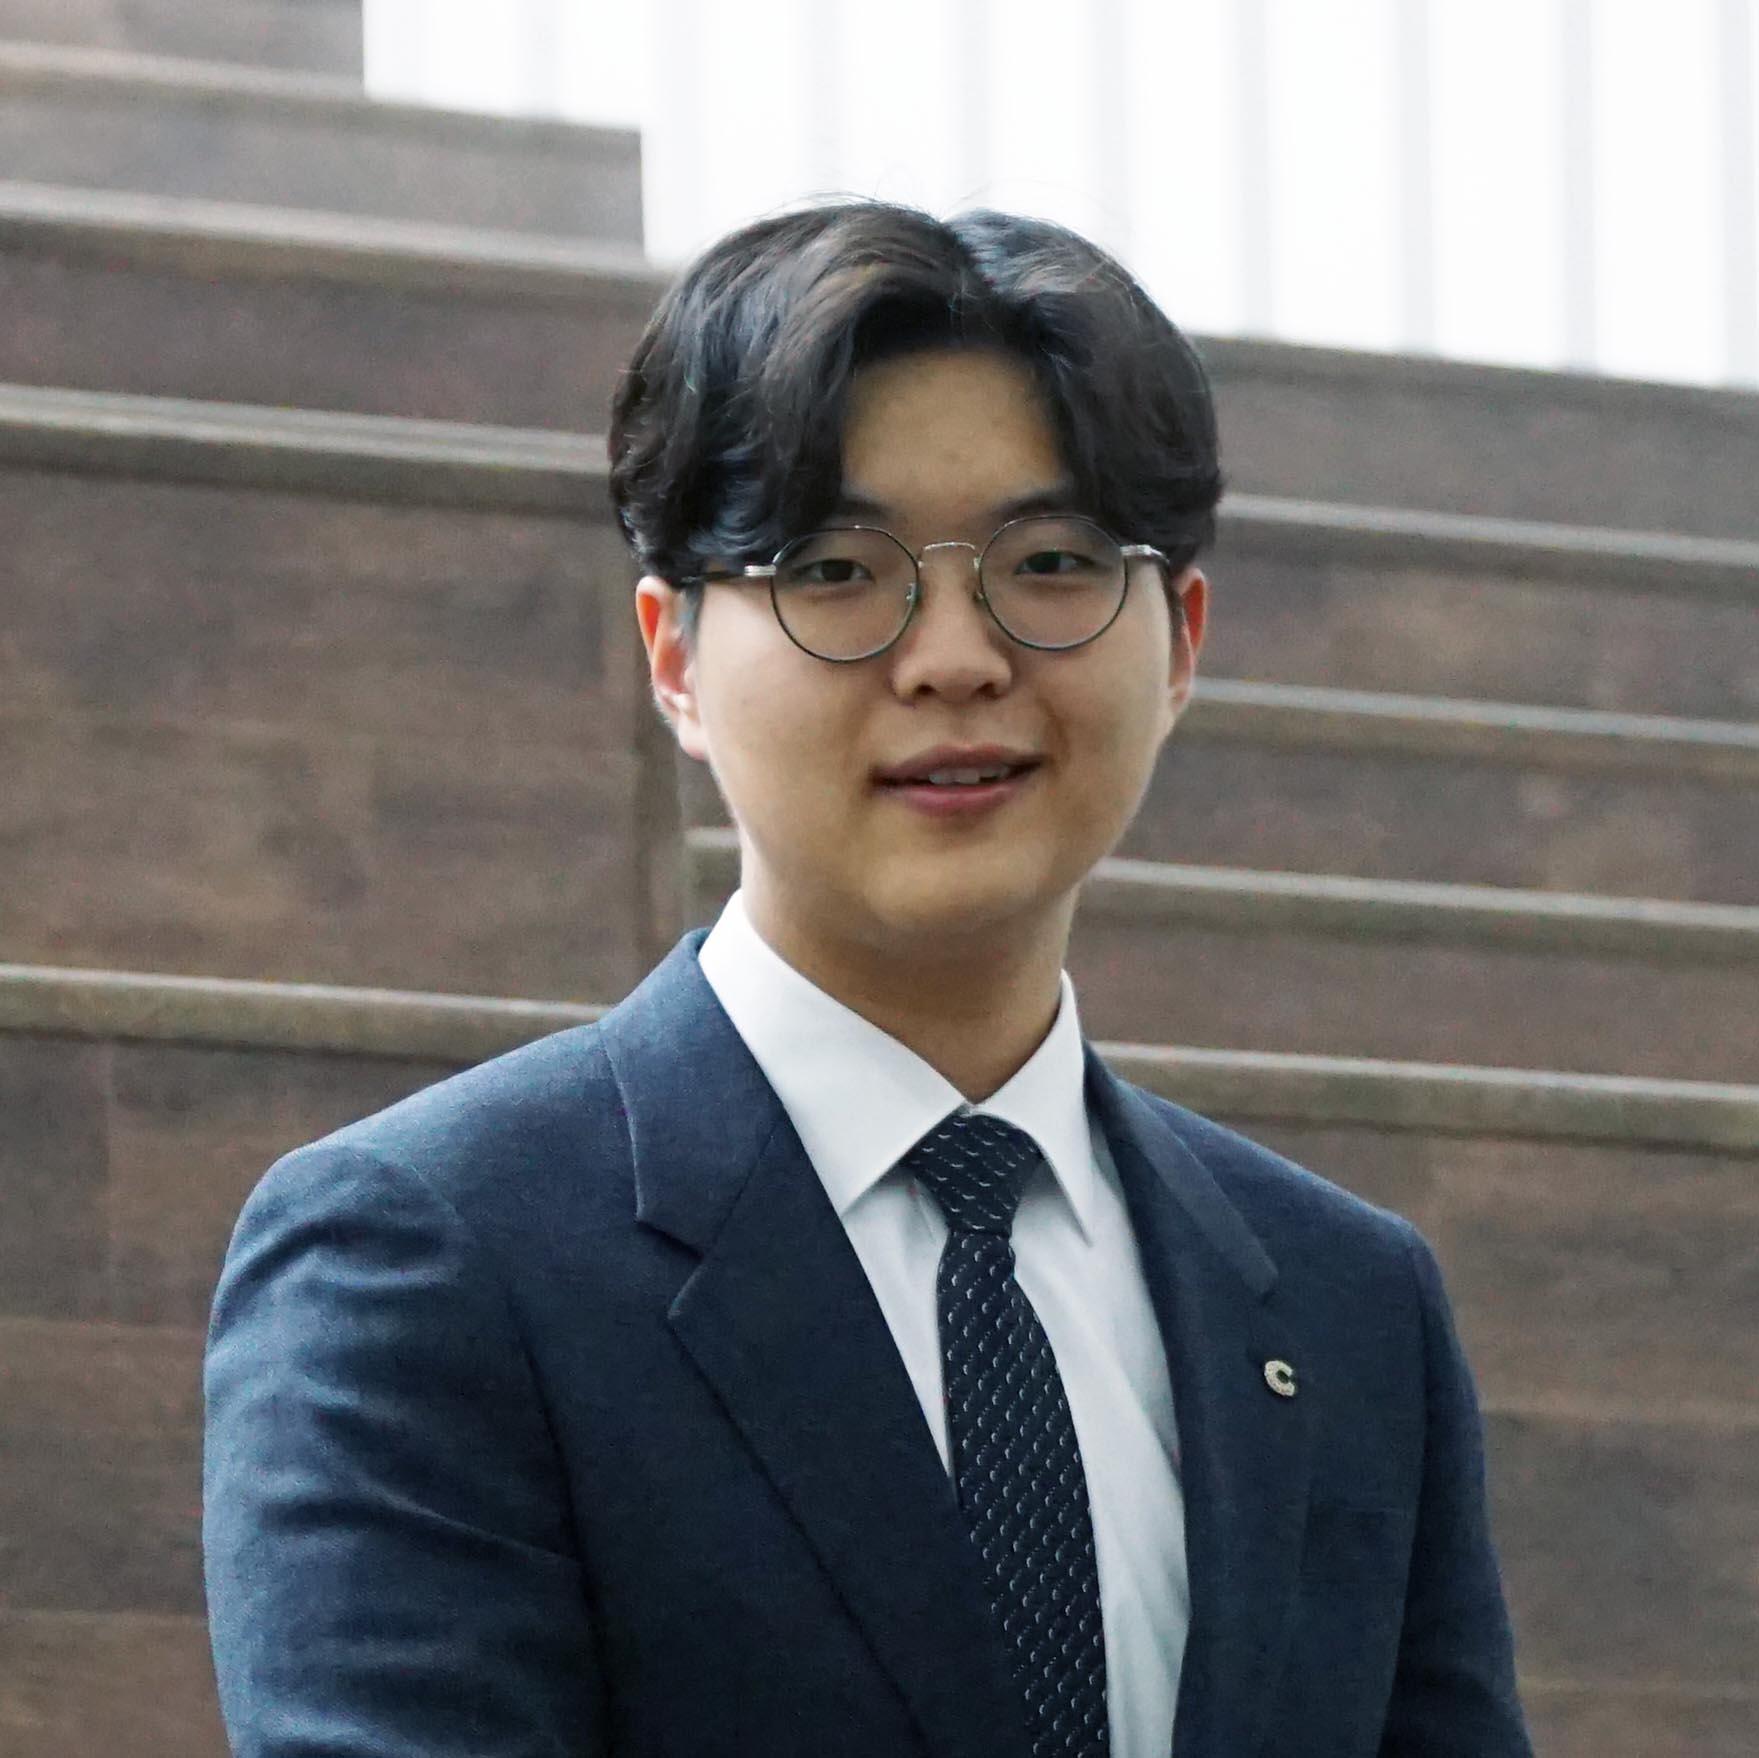 DongCheol Shin